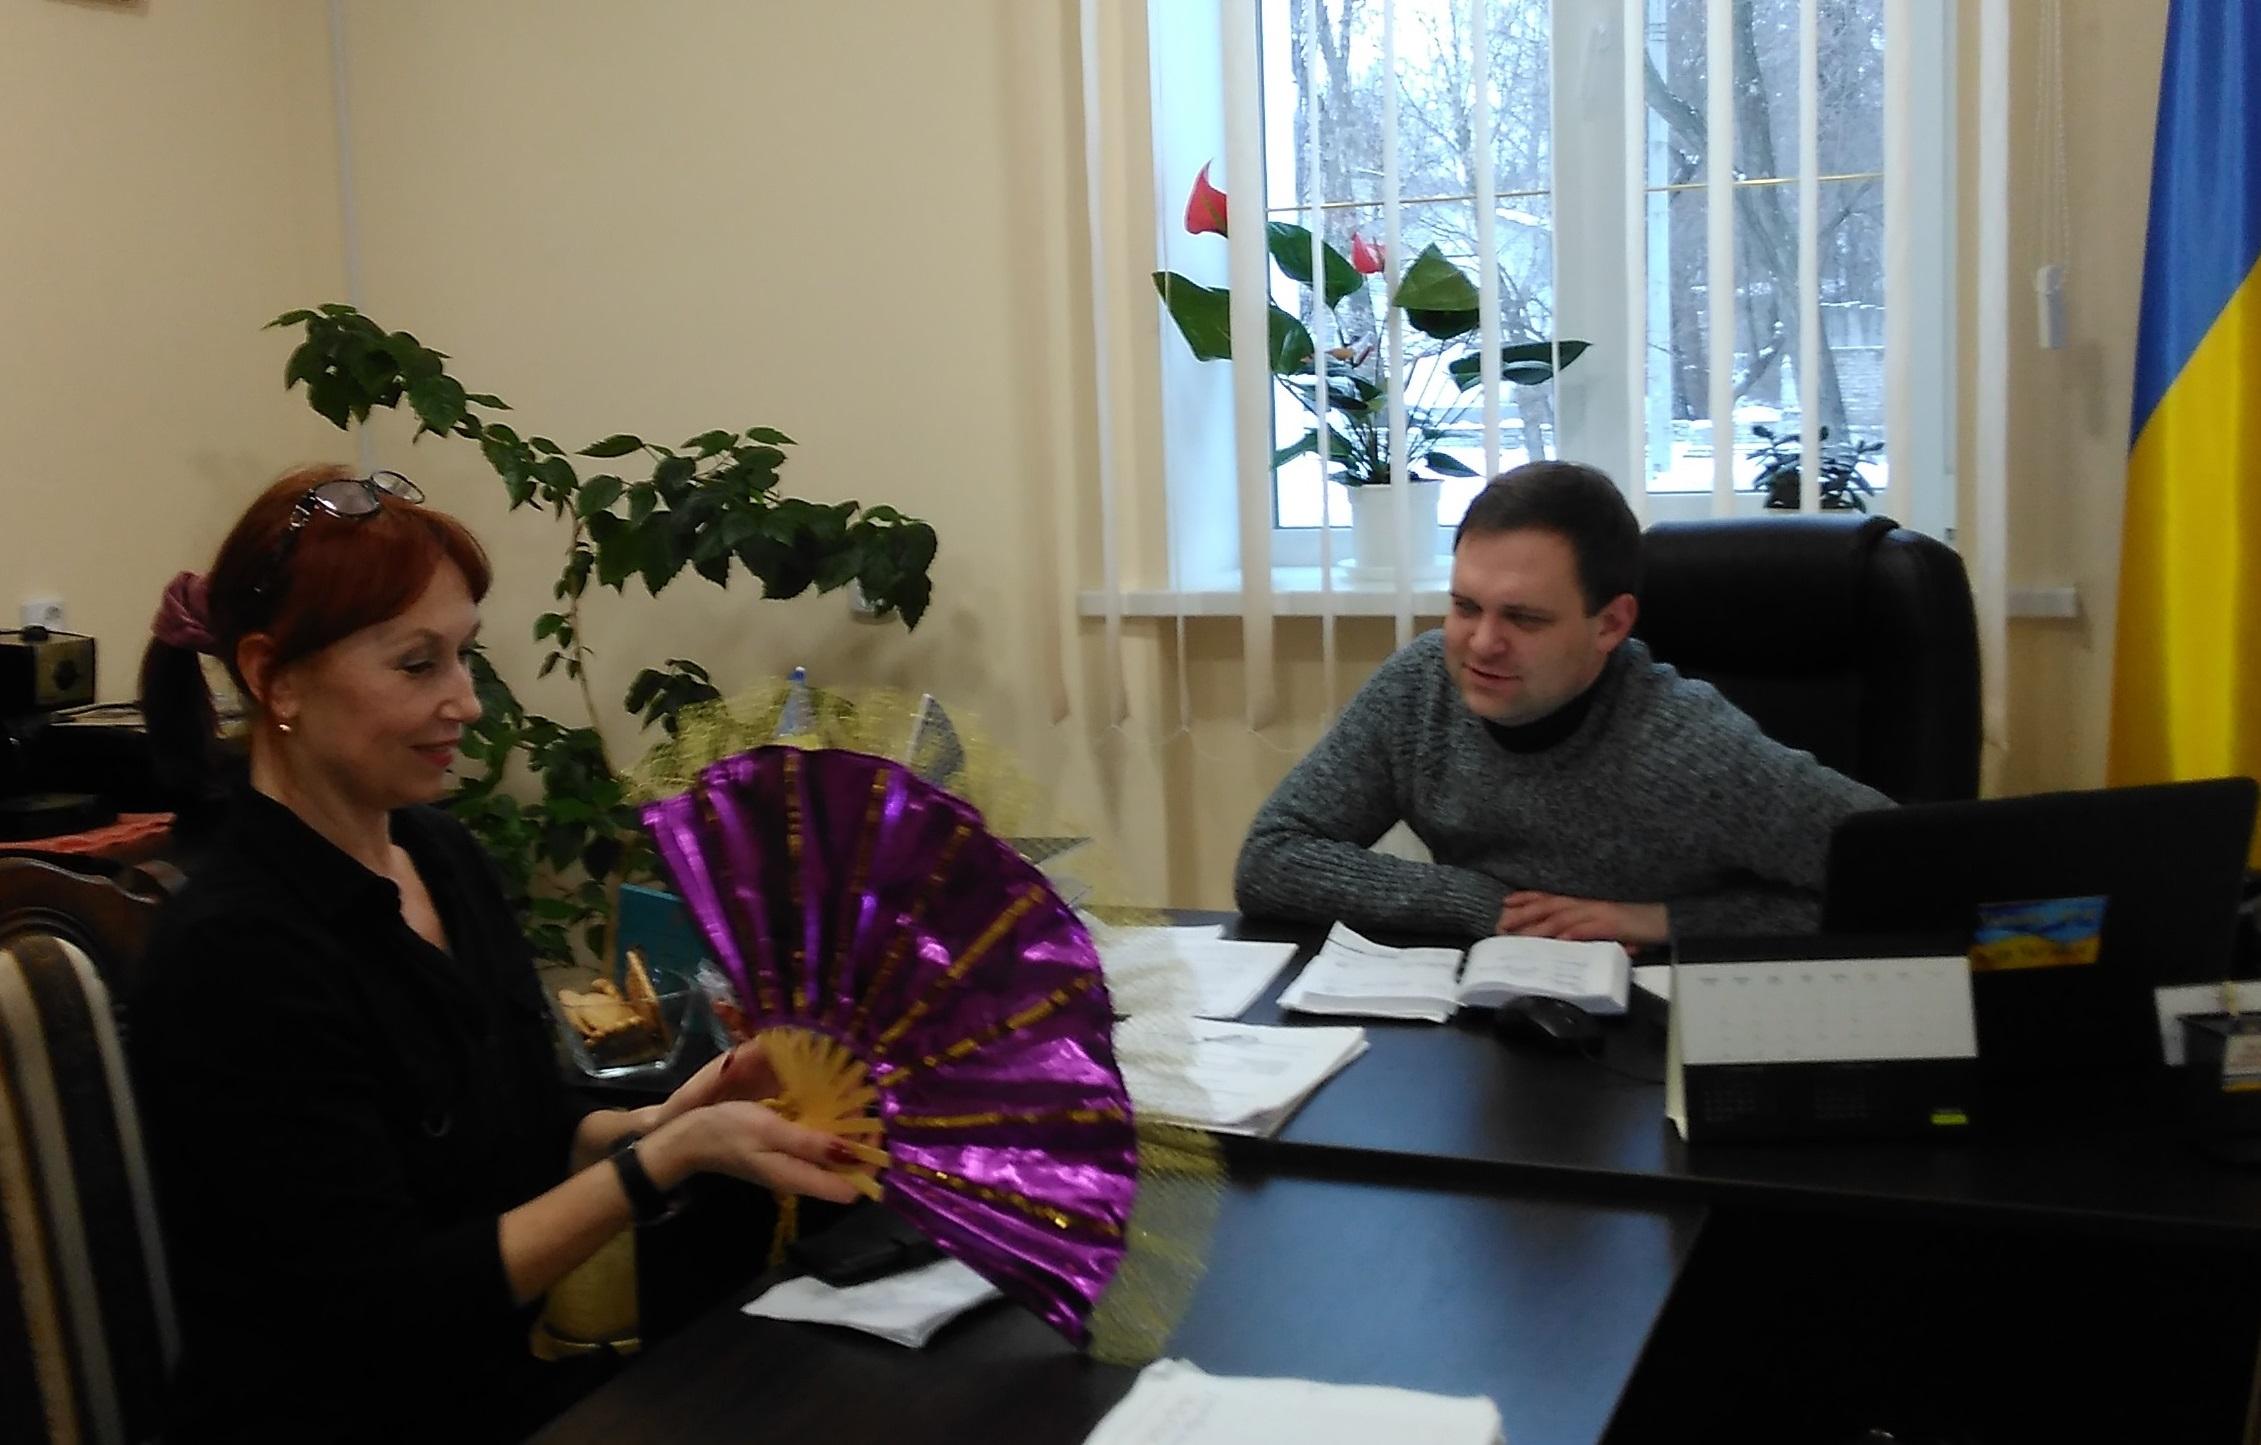 Ольга Яковенко и Сергей Дорофеев обсуждают новый спектакль